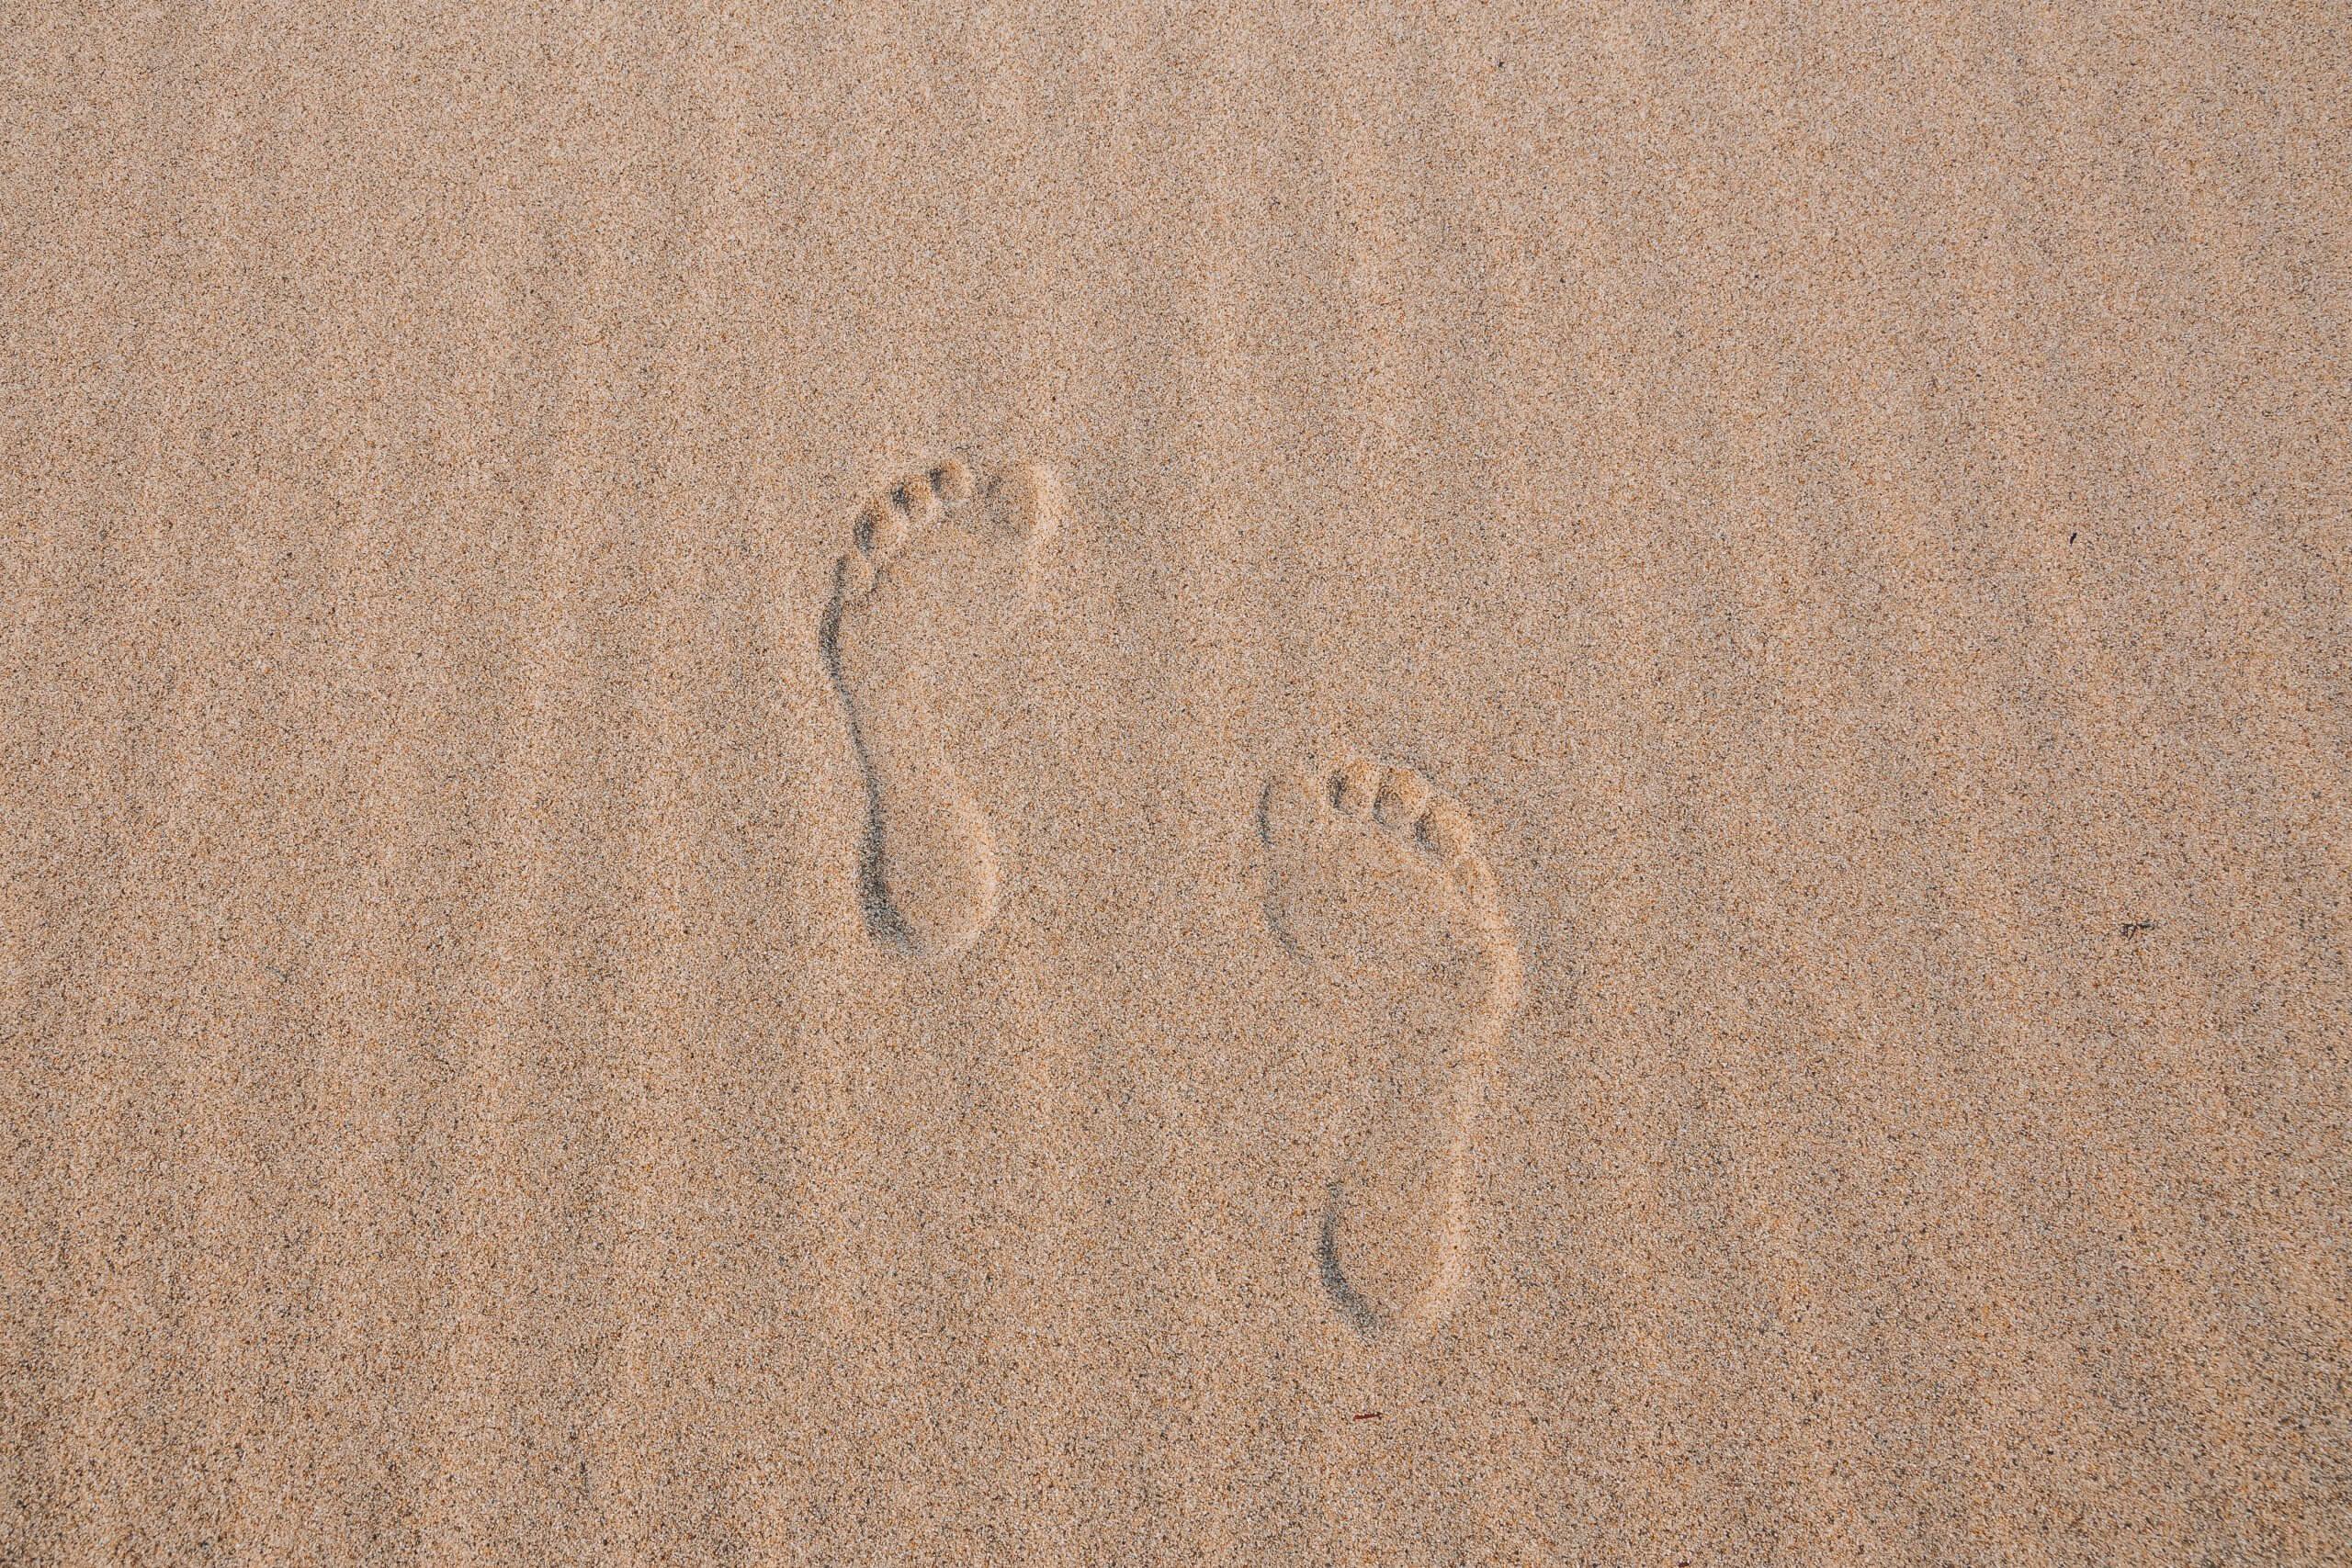 """das Motto an der Costa Verde: """"Hinterlasse nur Spuren, die der Wind verblasen kann."""""""